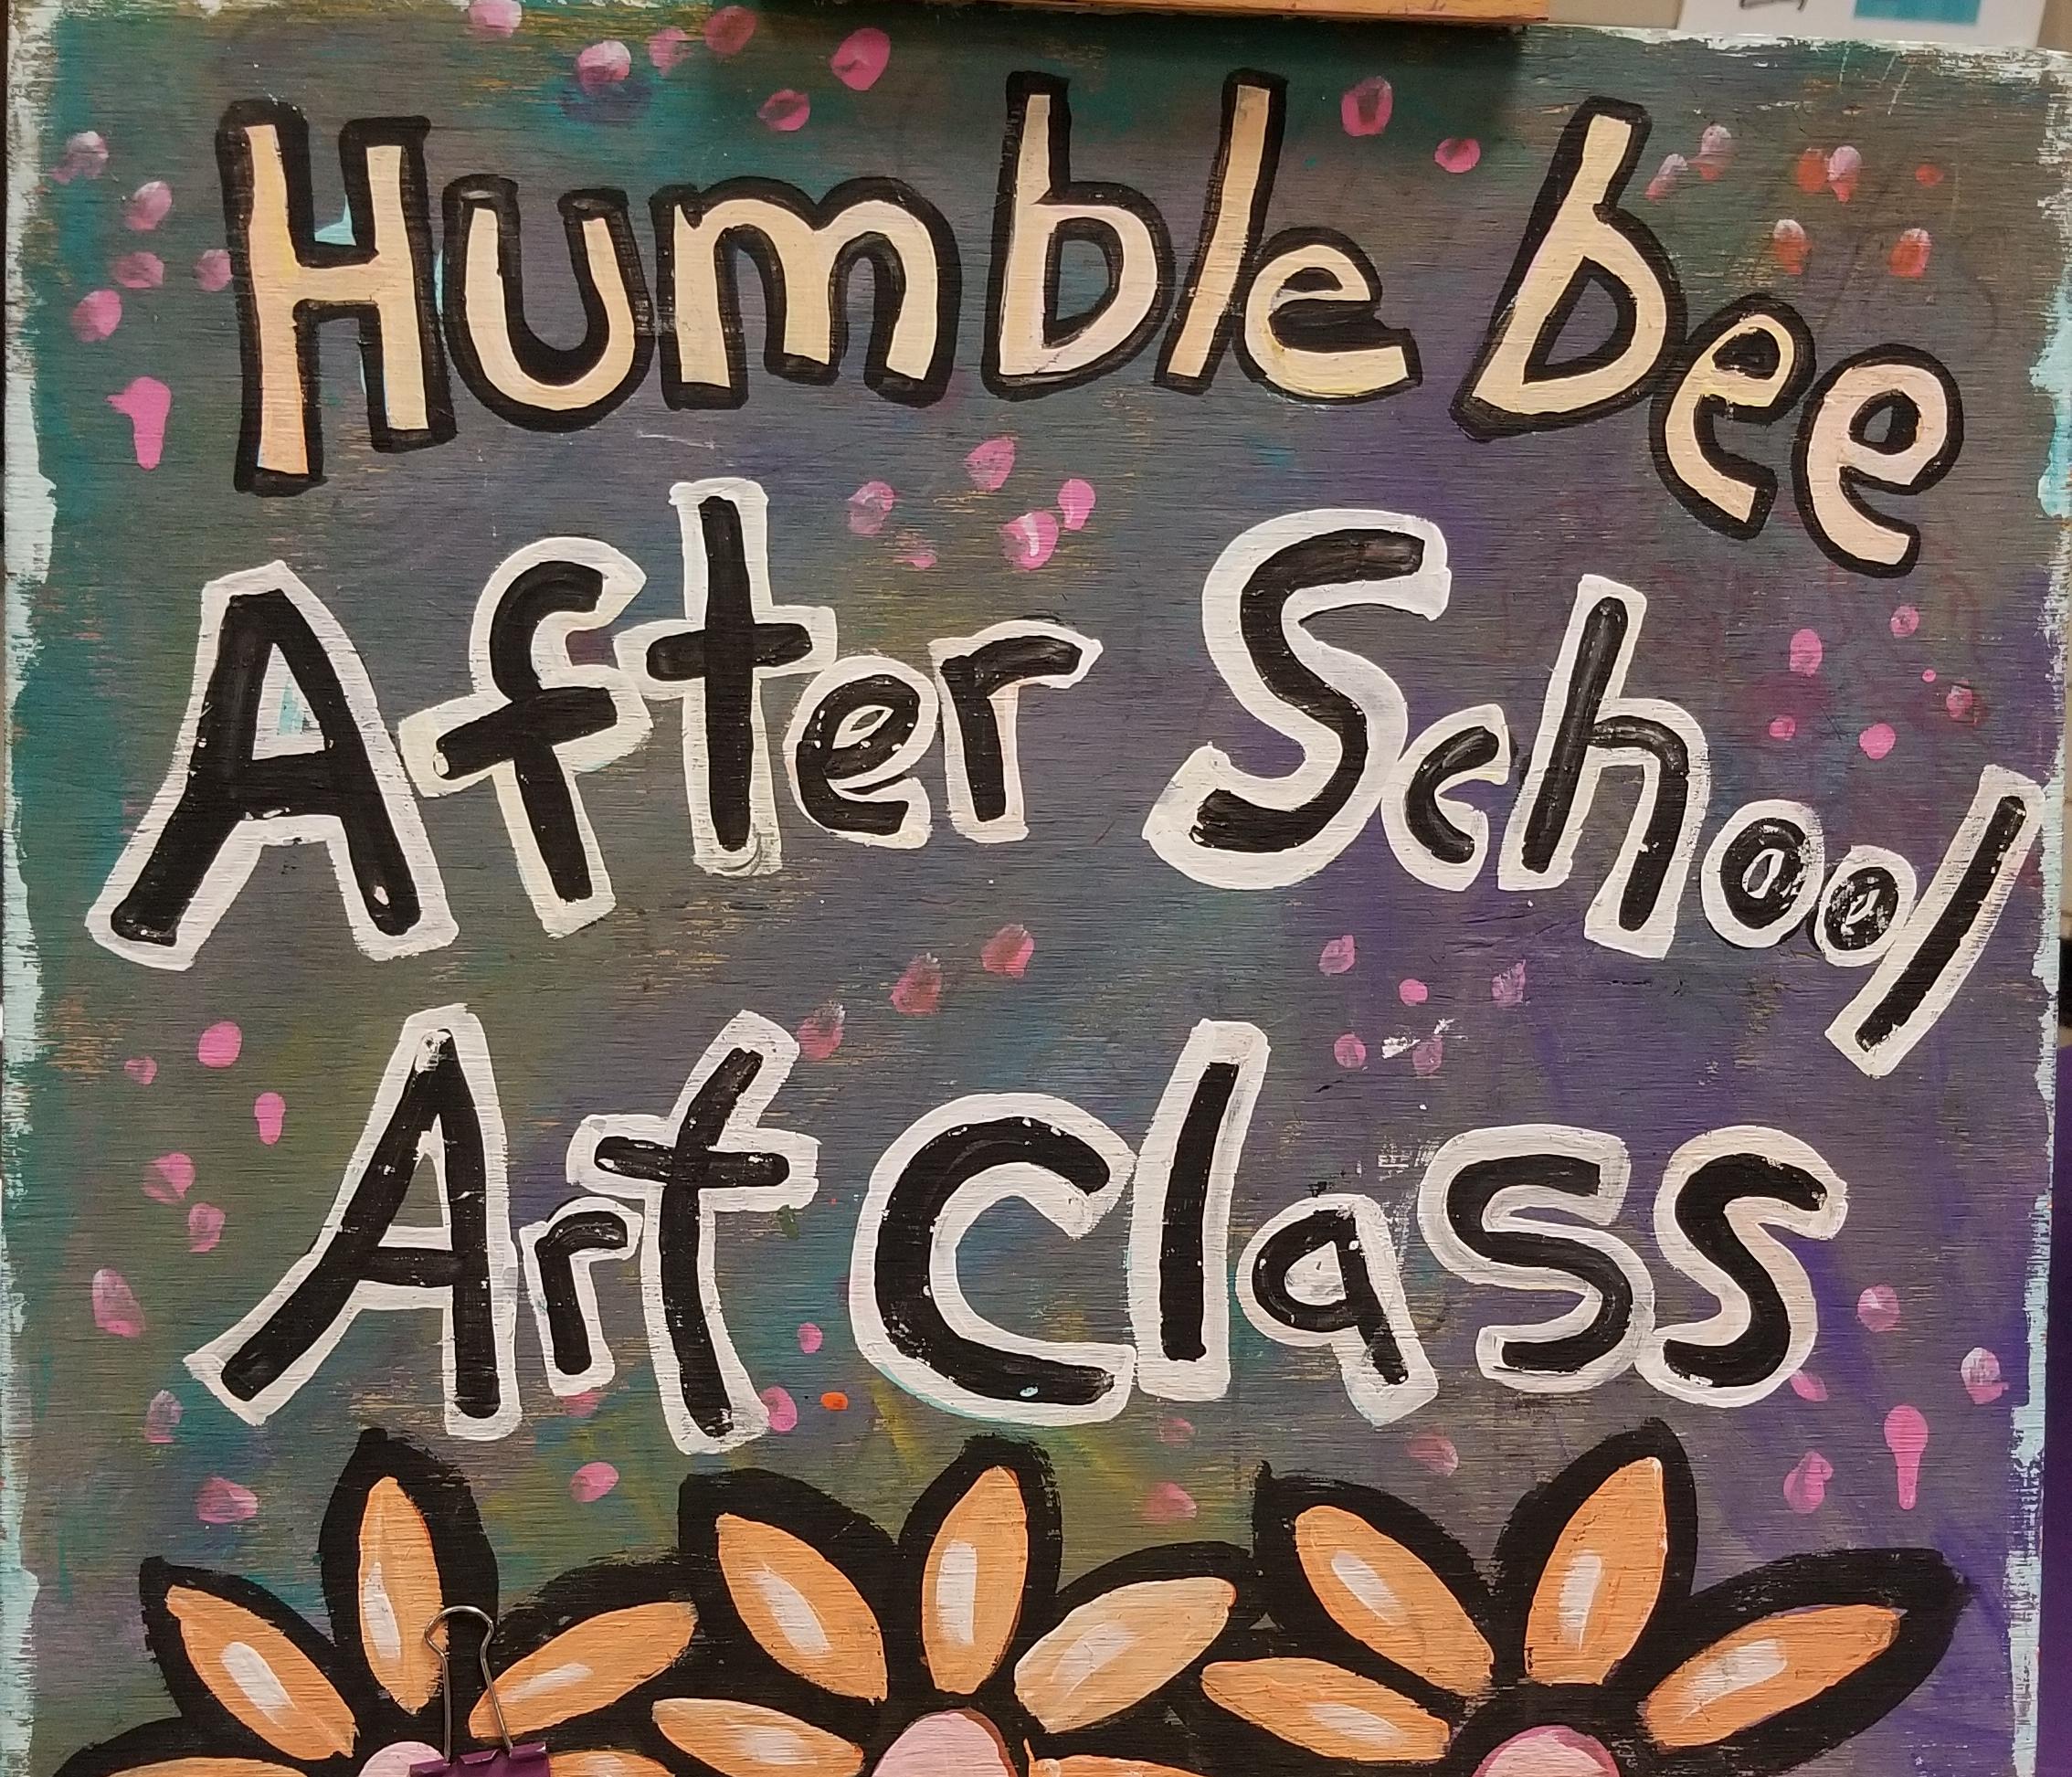 Humblebee After School Art Class